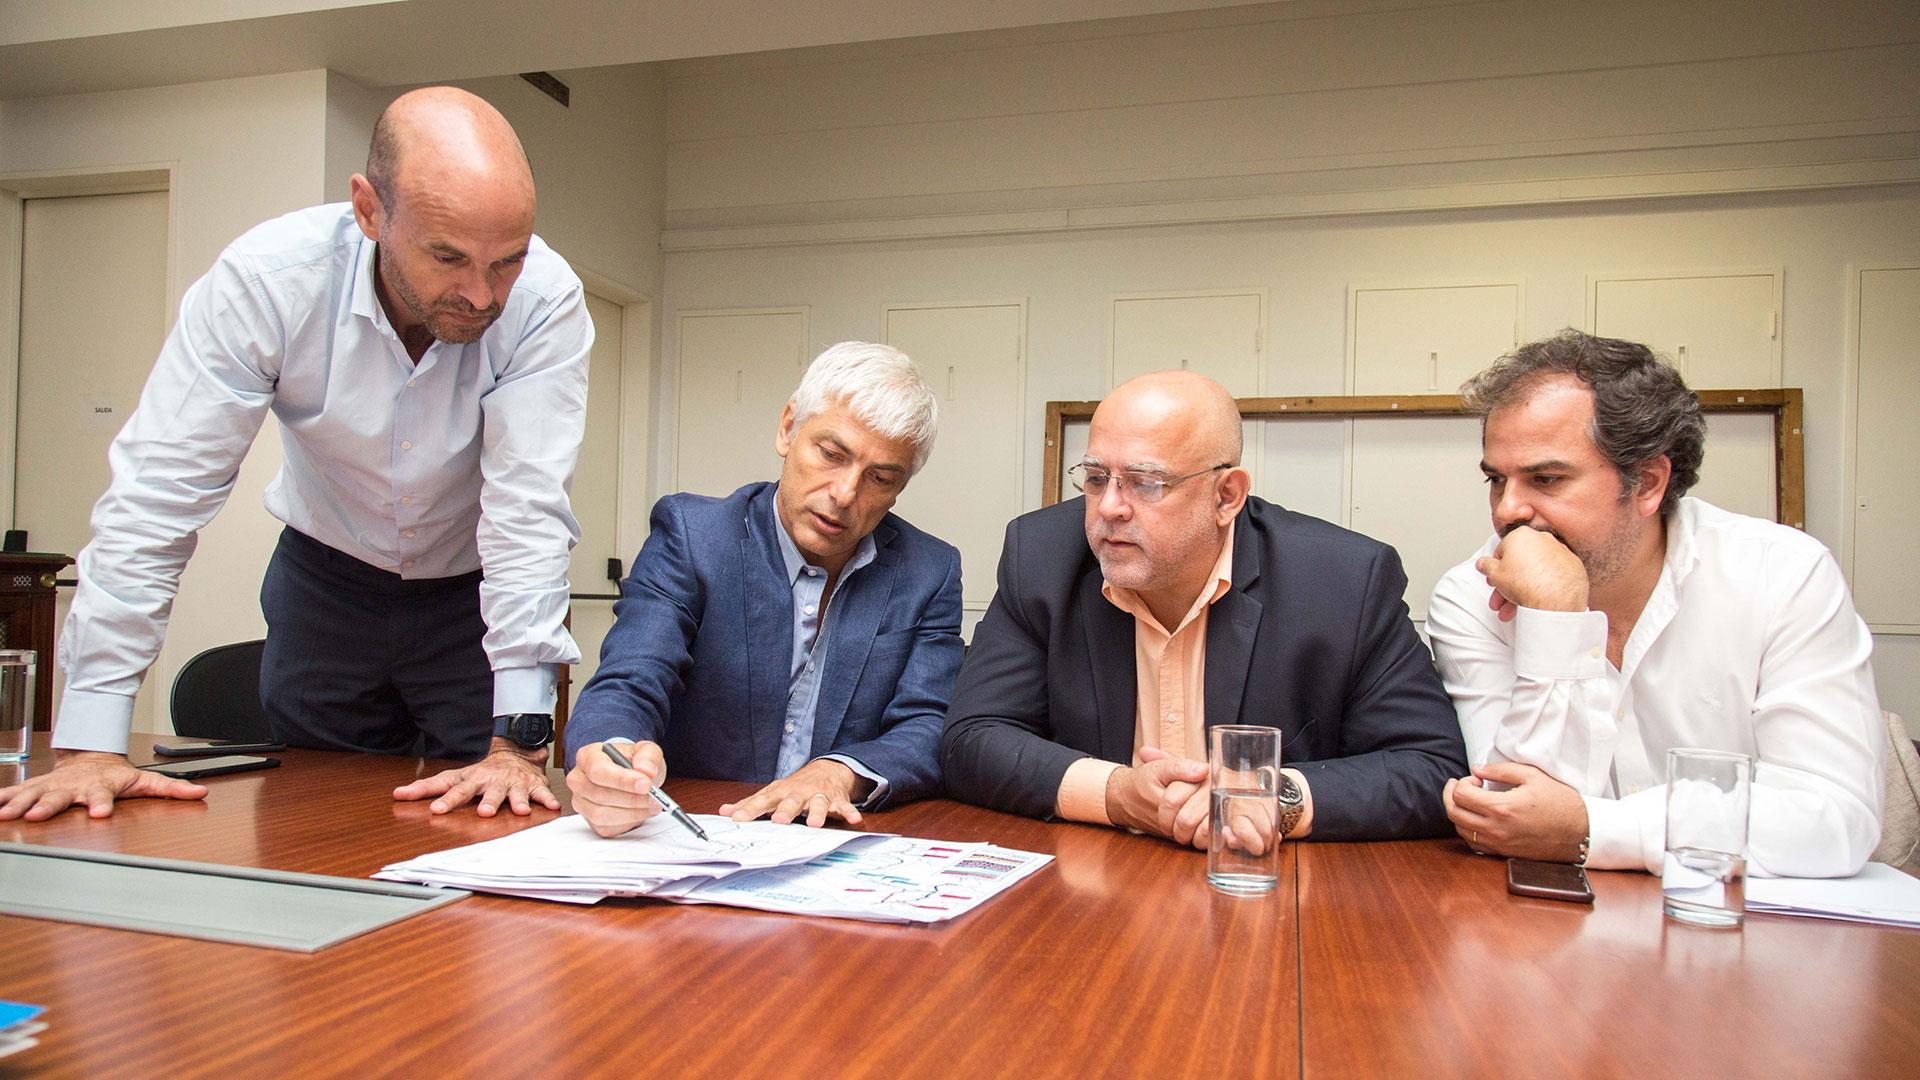 Guillermo Dietrich, y el titular del Plan Belgrano, Carlos Vignolo, analizan el ciclo de las obras del Plan Belgrano